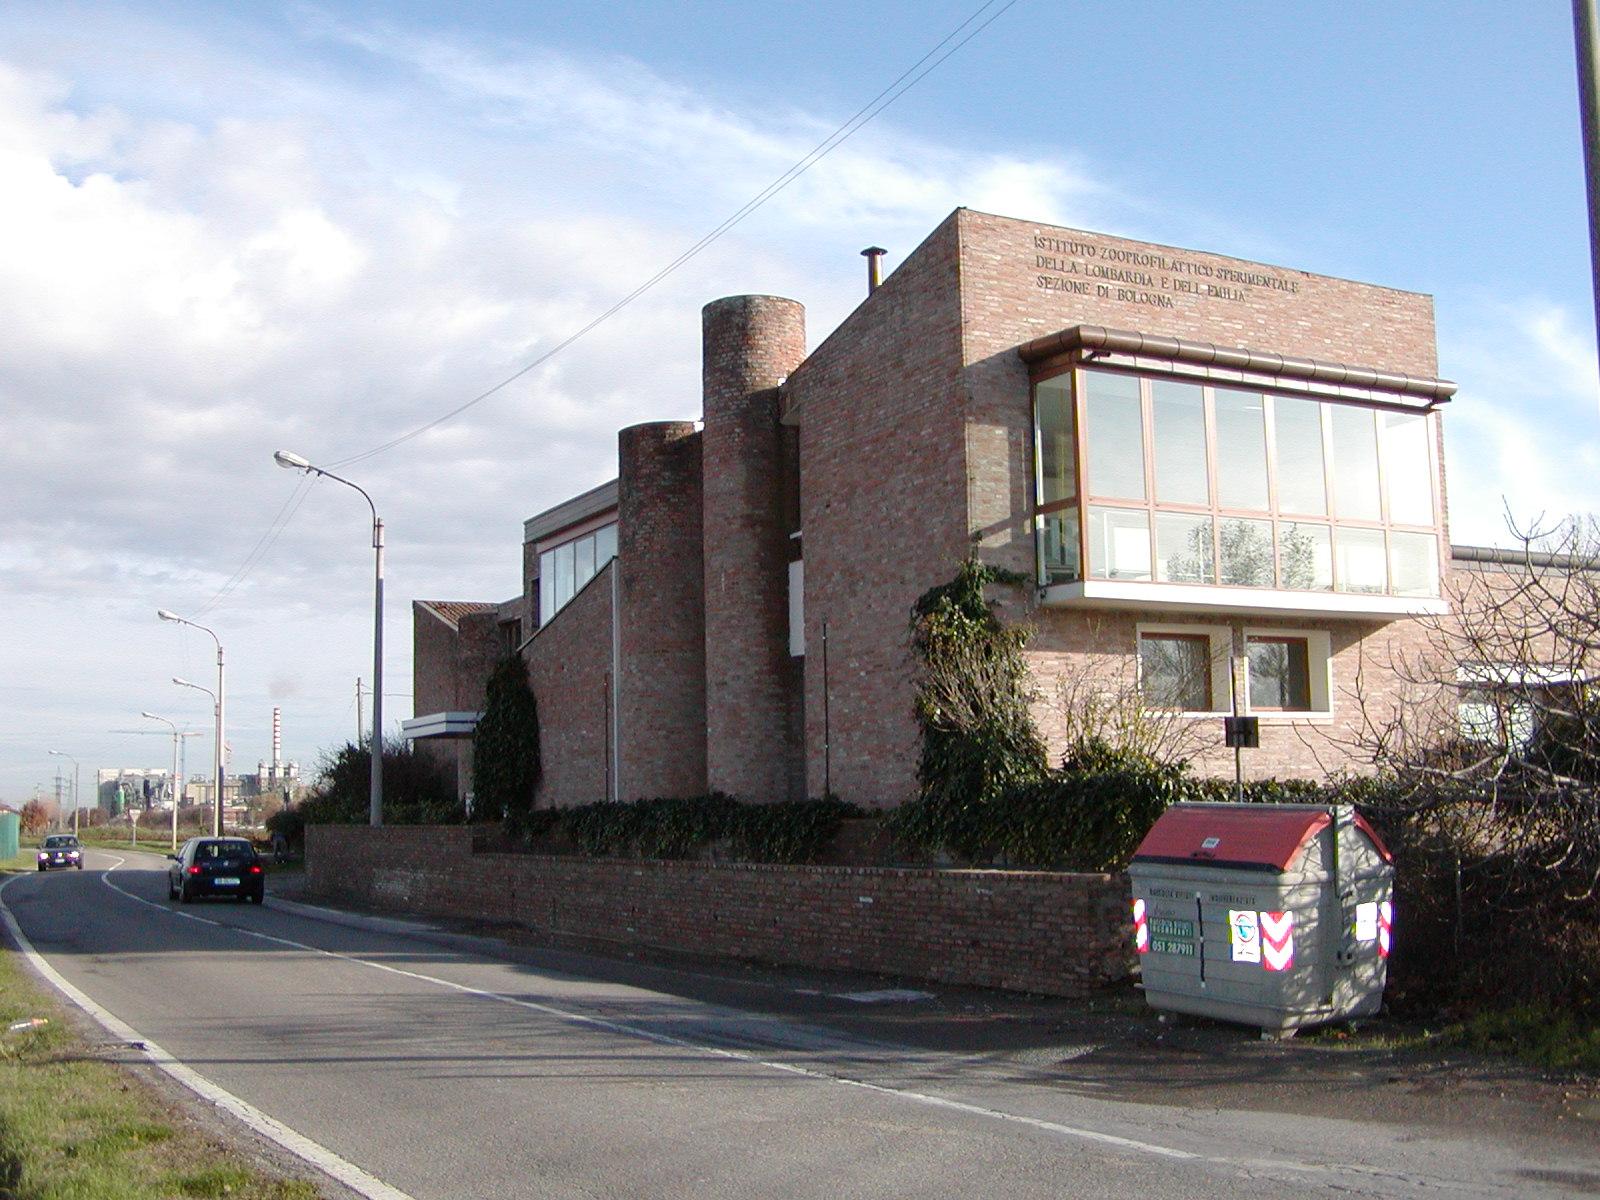 Studio-di-architettura-Baisotti-Sigala-prgetti.11.2003-03325